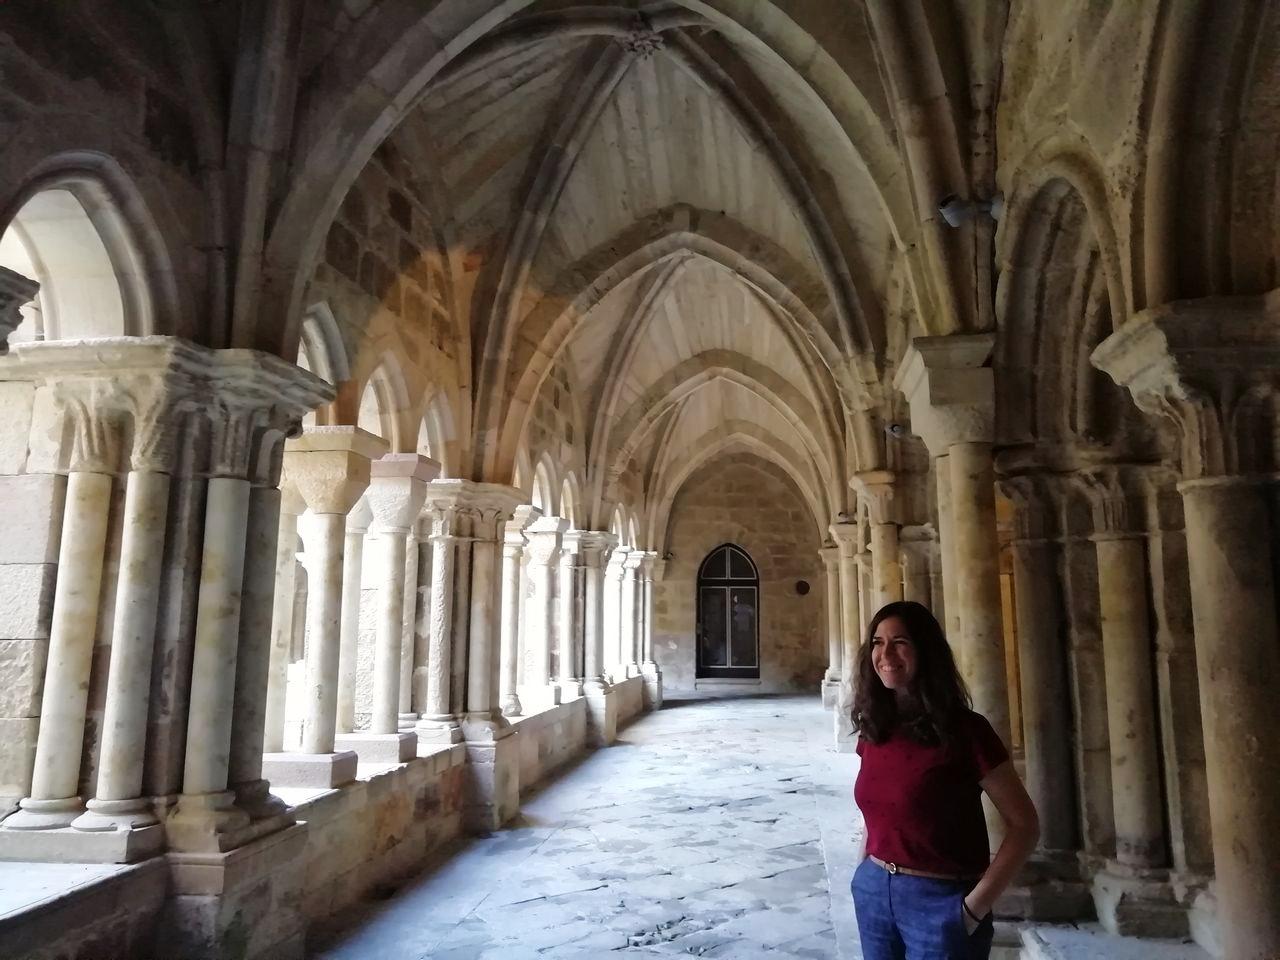 El Monasterio de Santa María la Real en Aguilar de Campoo es una visita obligada en la ruta por el románico palentino.